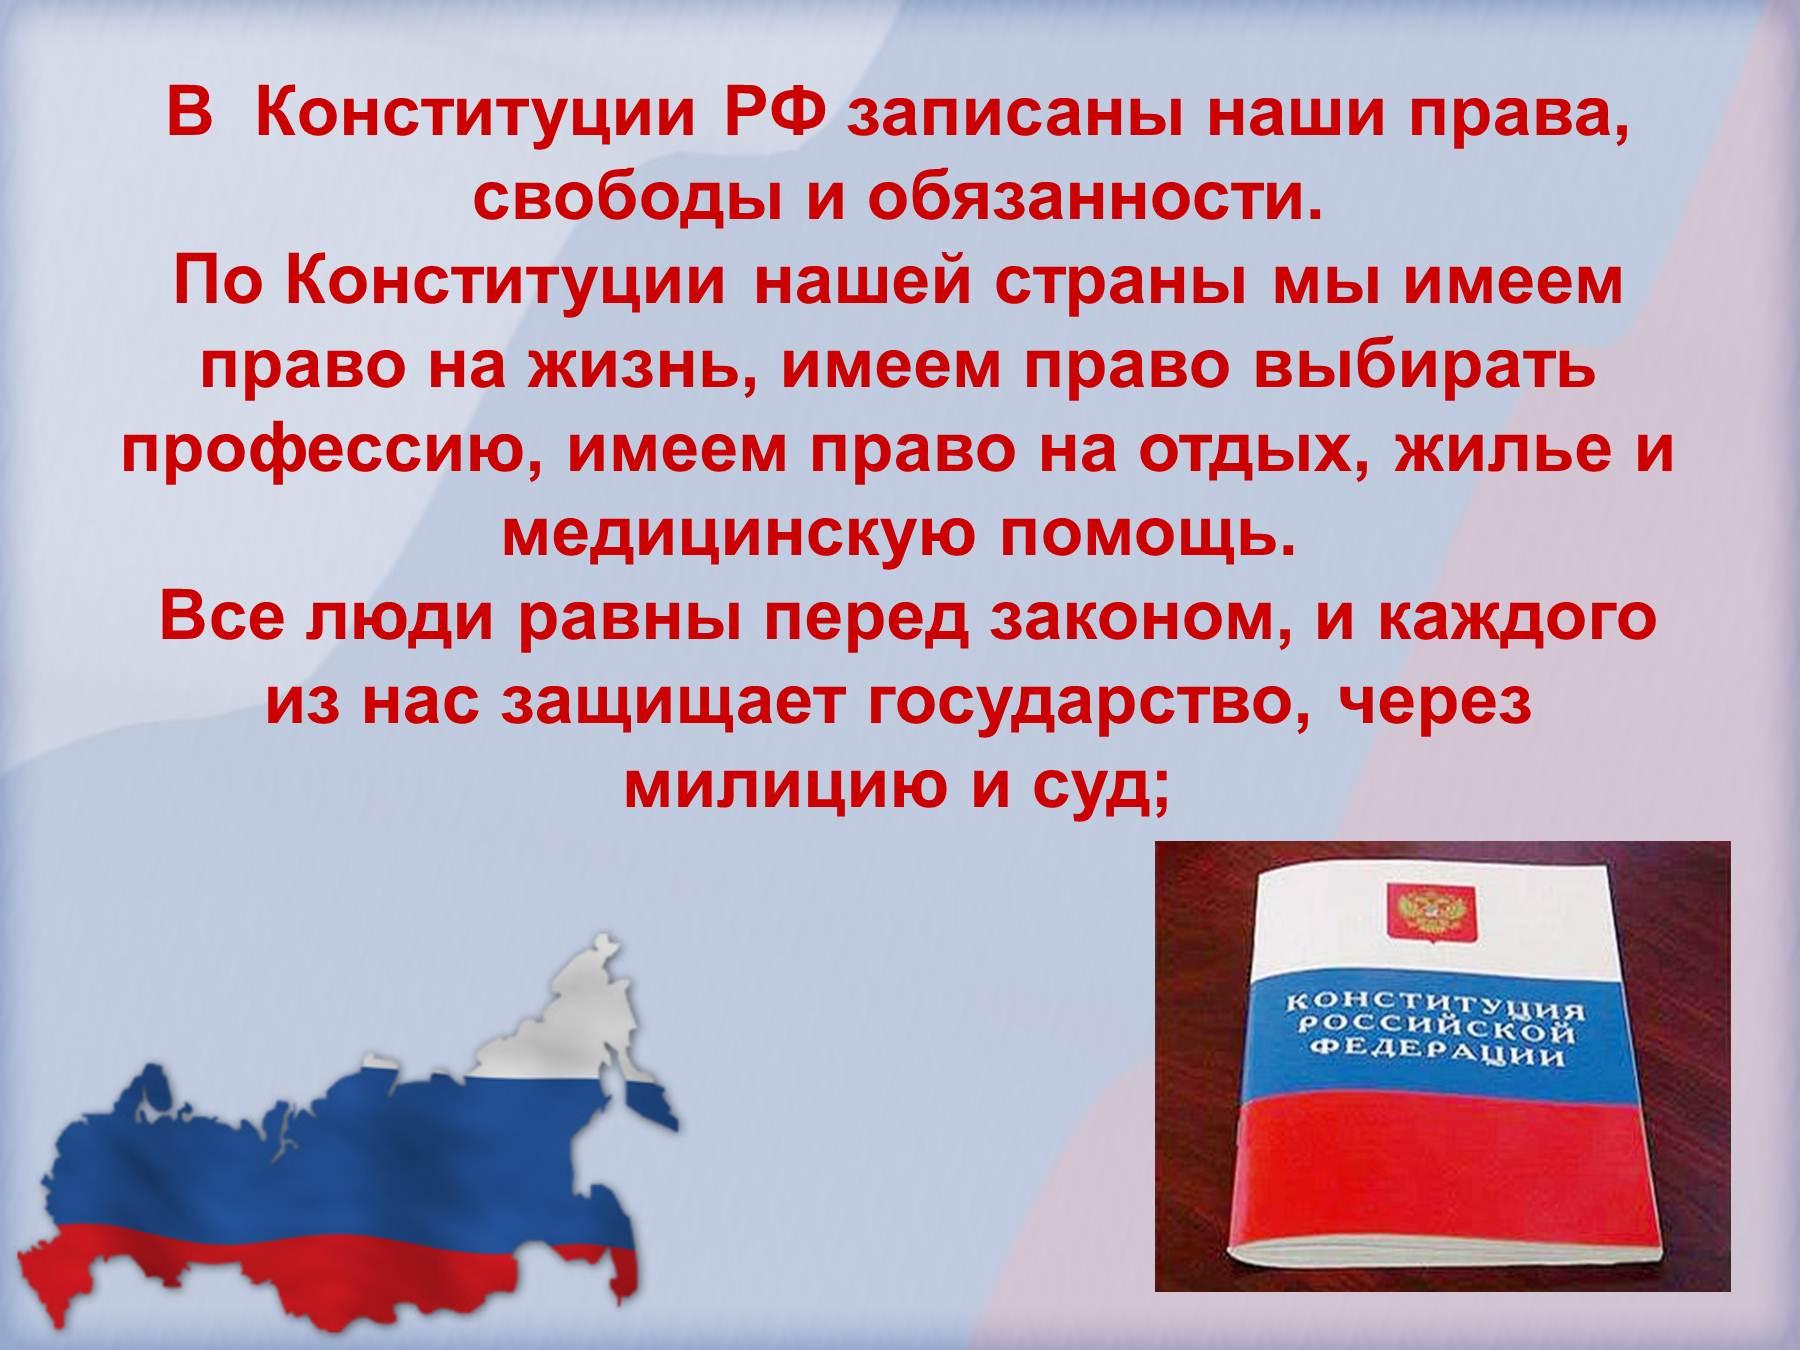 Праздник День Конституции Российской Федерации отмечается декабря Реферат день конституции в россии